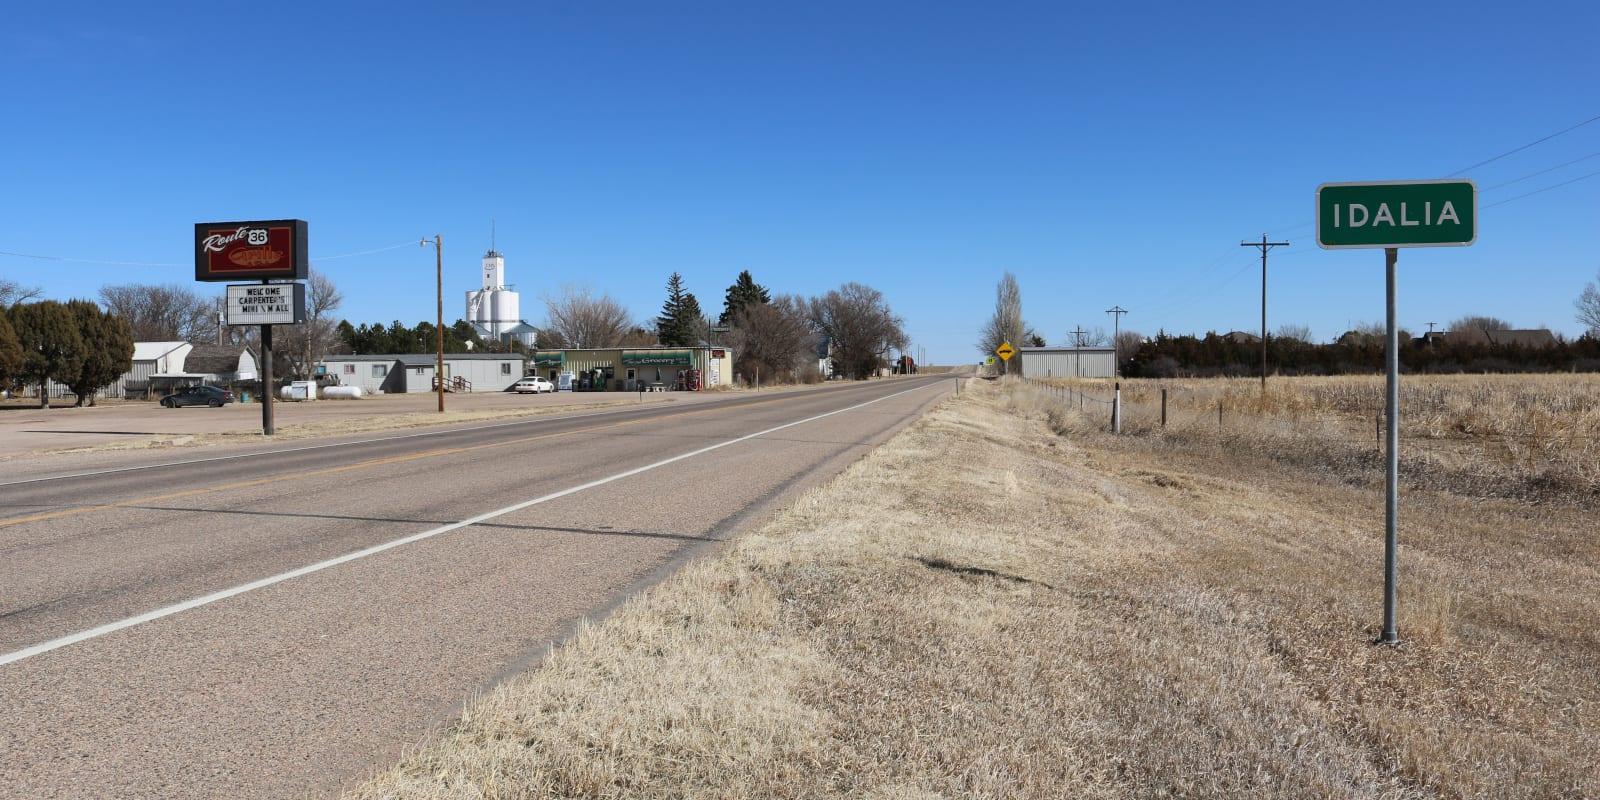 Idalia Colorado U.S. Route 36